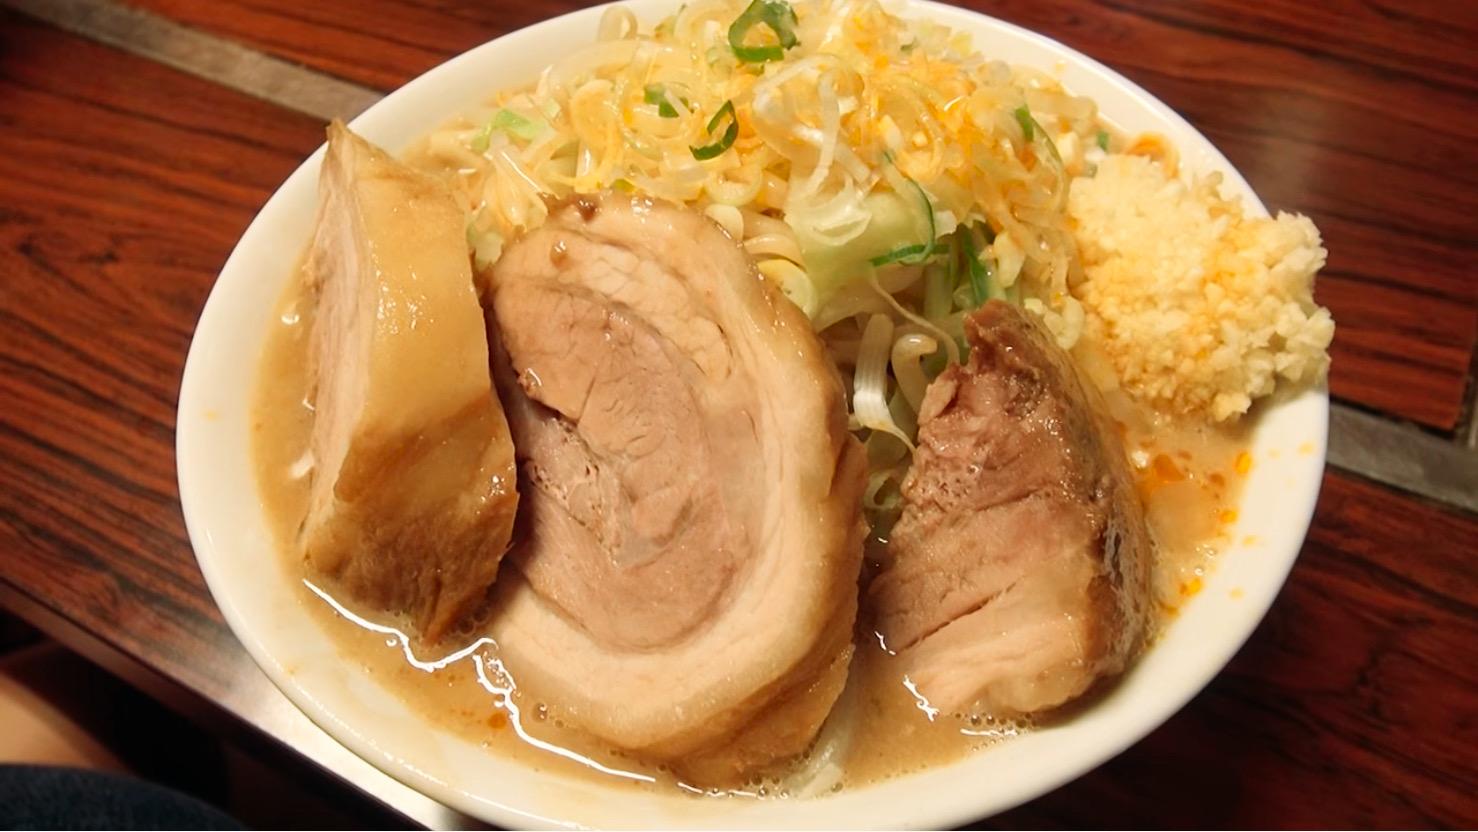 【ちばから 市原本店】らーめん+豚1枚:生卵 (千葉県市原市西国分寺台) 第251回